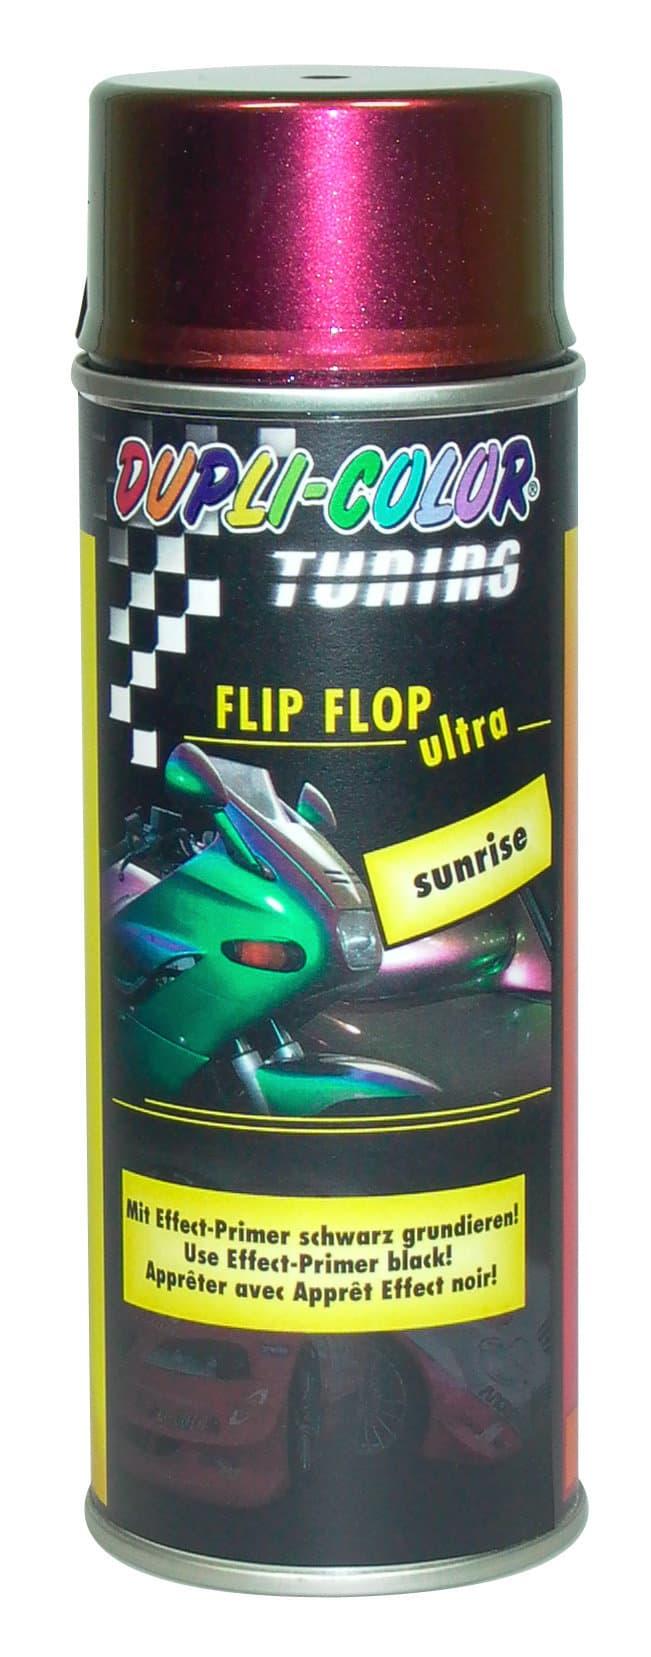 Dupli-Color Flip Flop sunrise 150 ml Peinture aérosol